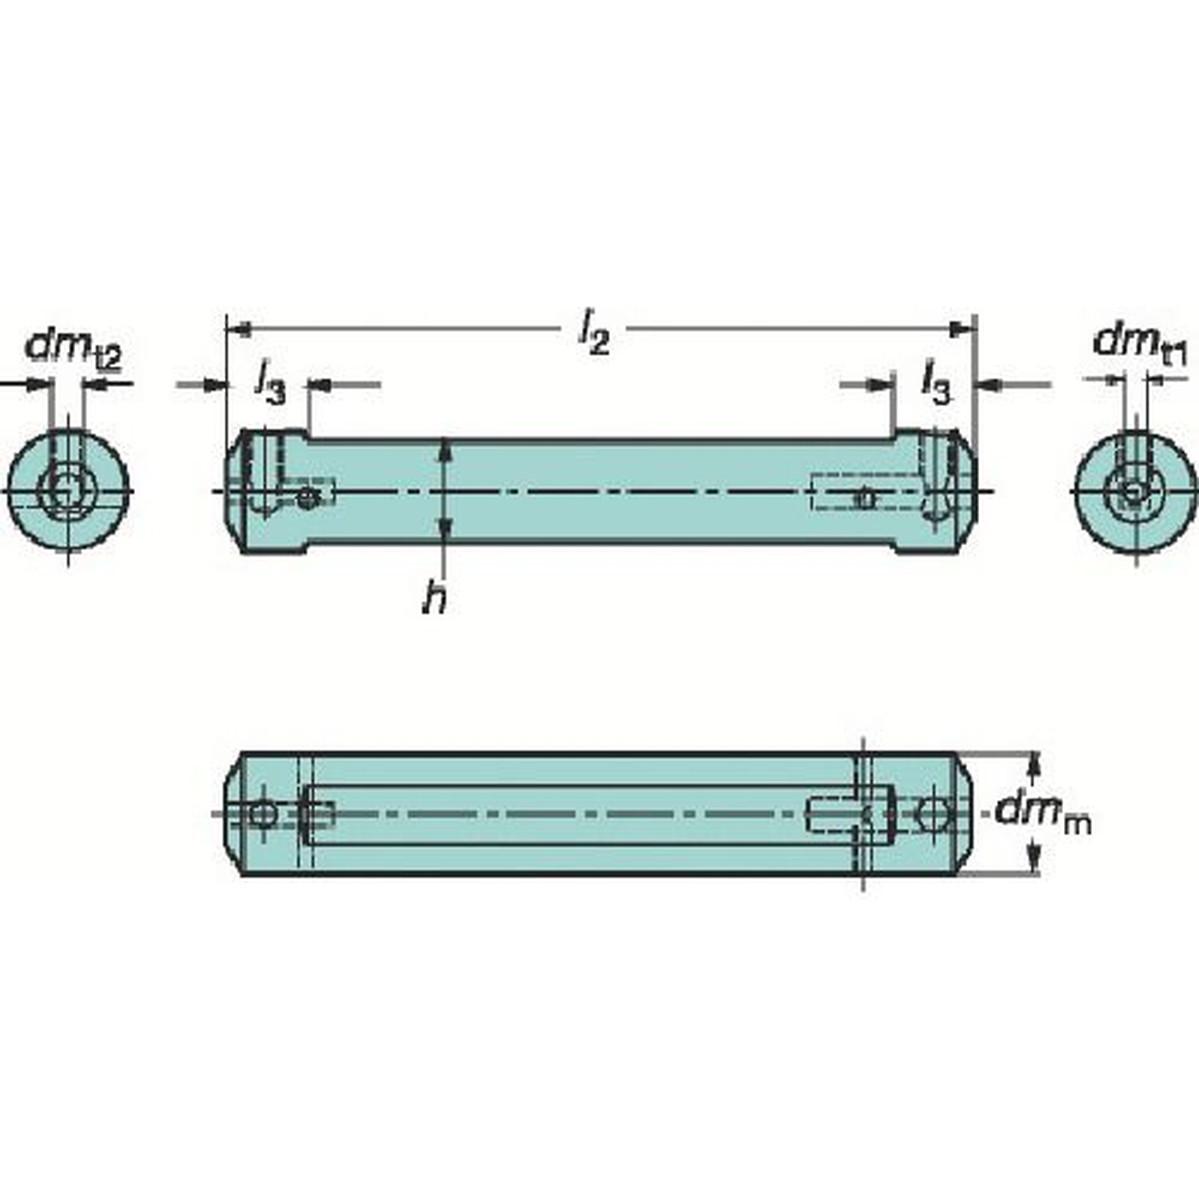 最新最全の サンドビック コロターンXS コロターンXS 小型旋盤用アダプタ 小型旋盤用アダプタ 1個, 湖畔の薬屋:d44dfb07 --- promotime.lt